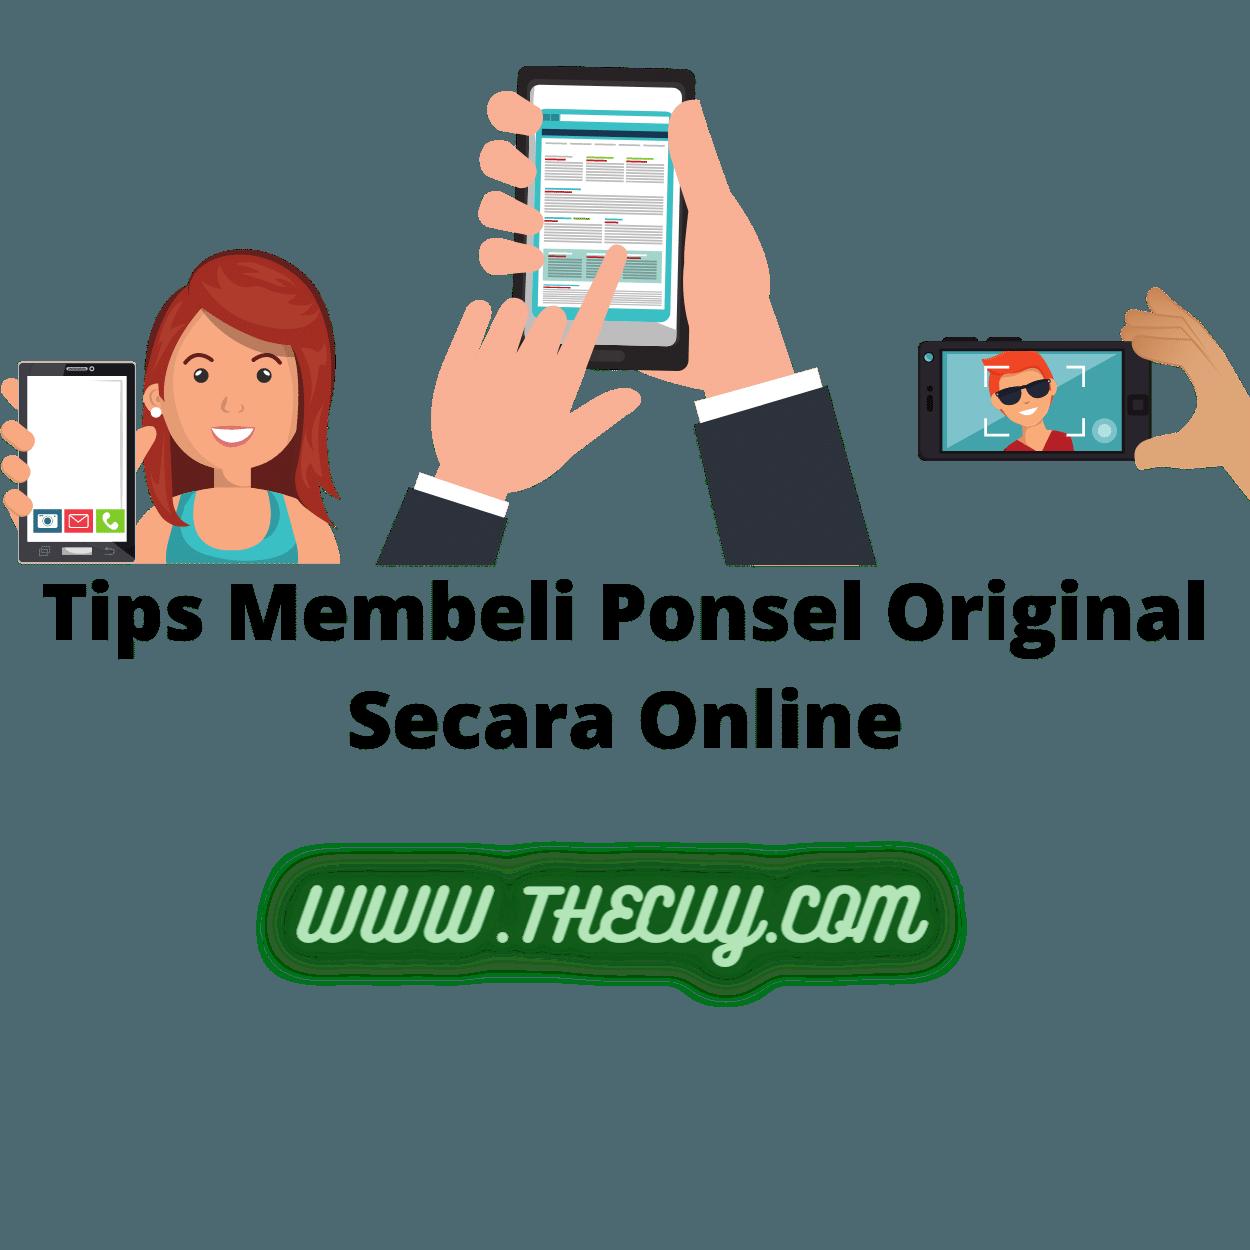 Tips Membeli Ponsel Original Secara Online